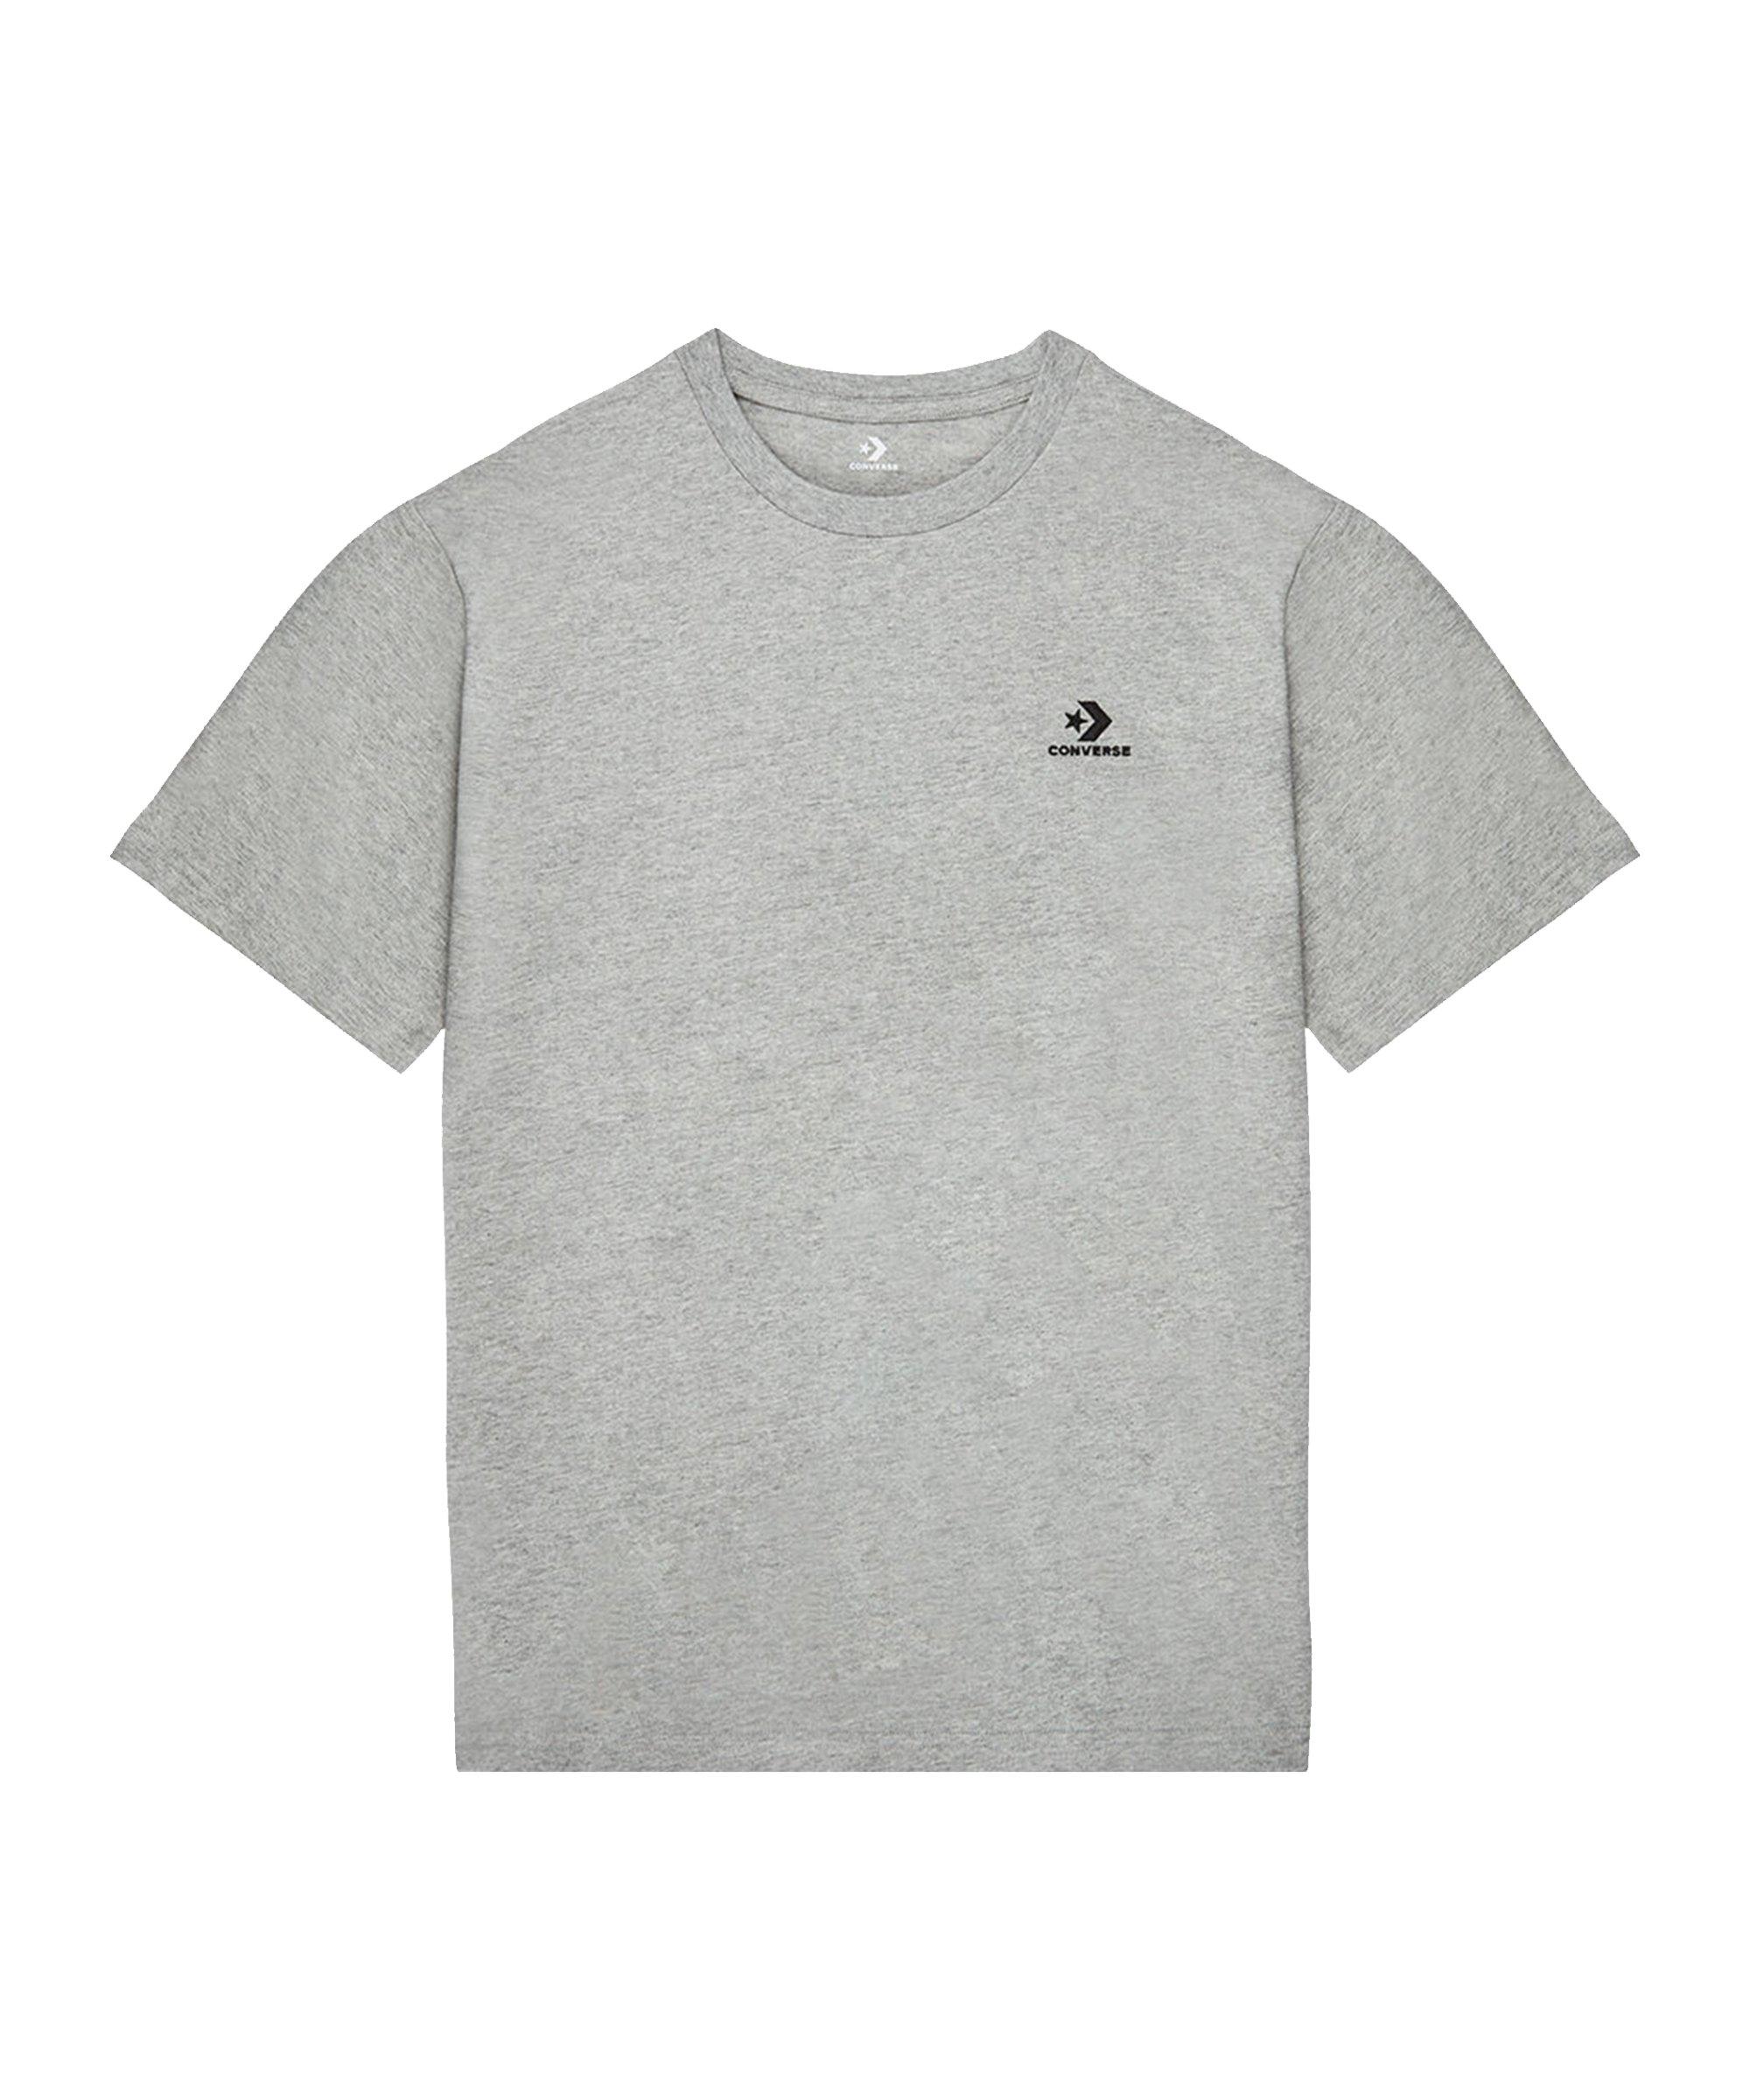 Converse Embroidered Star Chevron T-Shirt F035 - grau